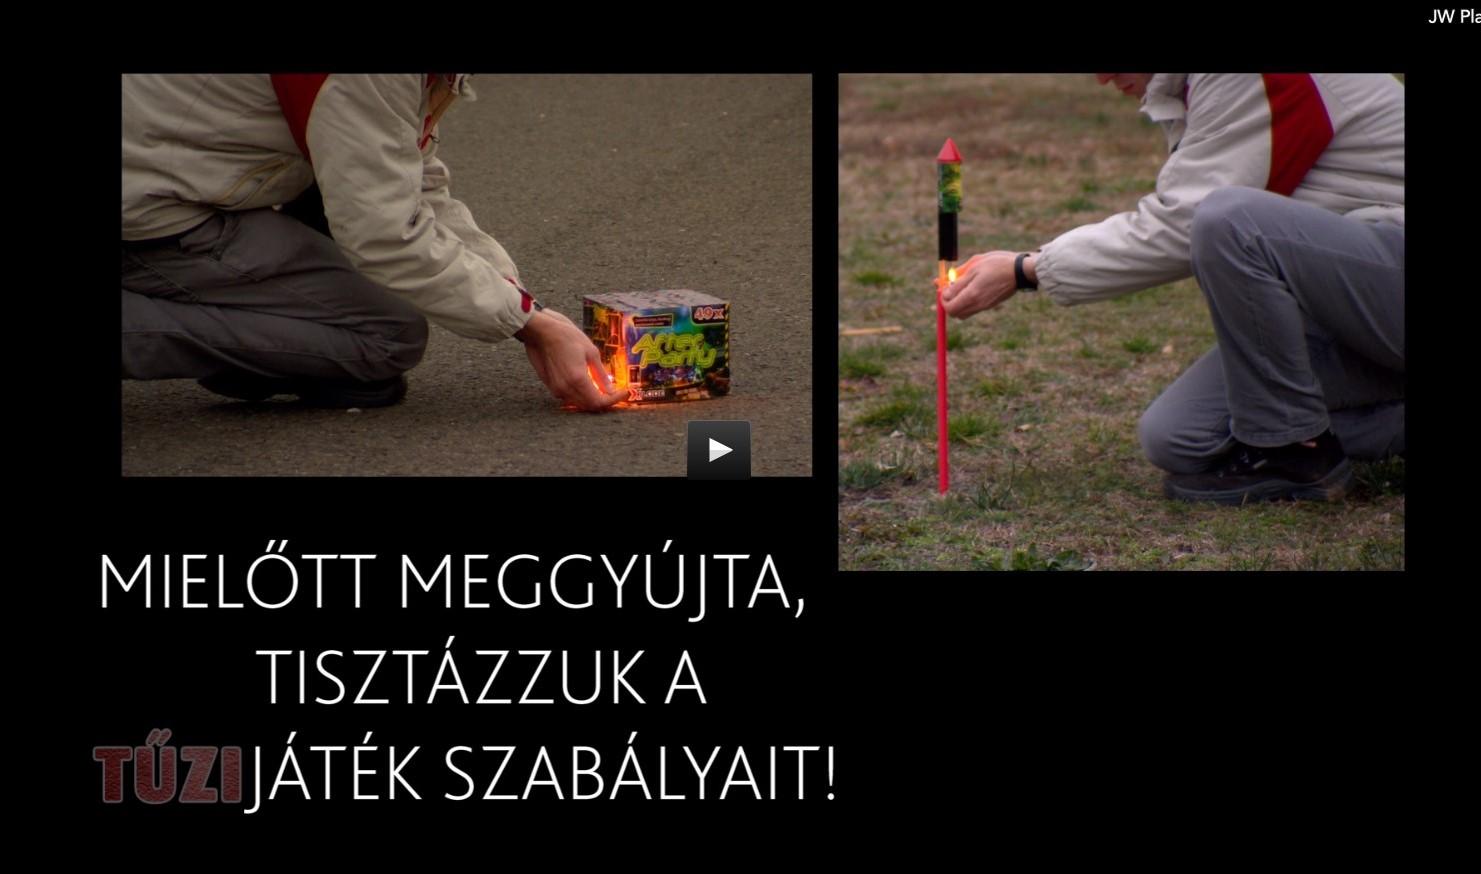 Pirotechnikai termékek használatával kapcsolatos figyelemfelhívó kisfilm című videó előképe